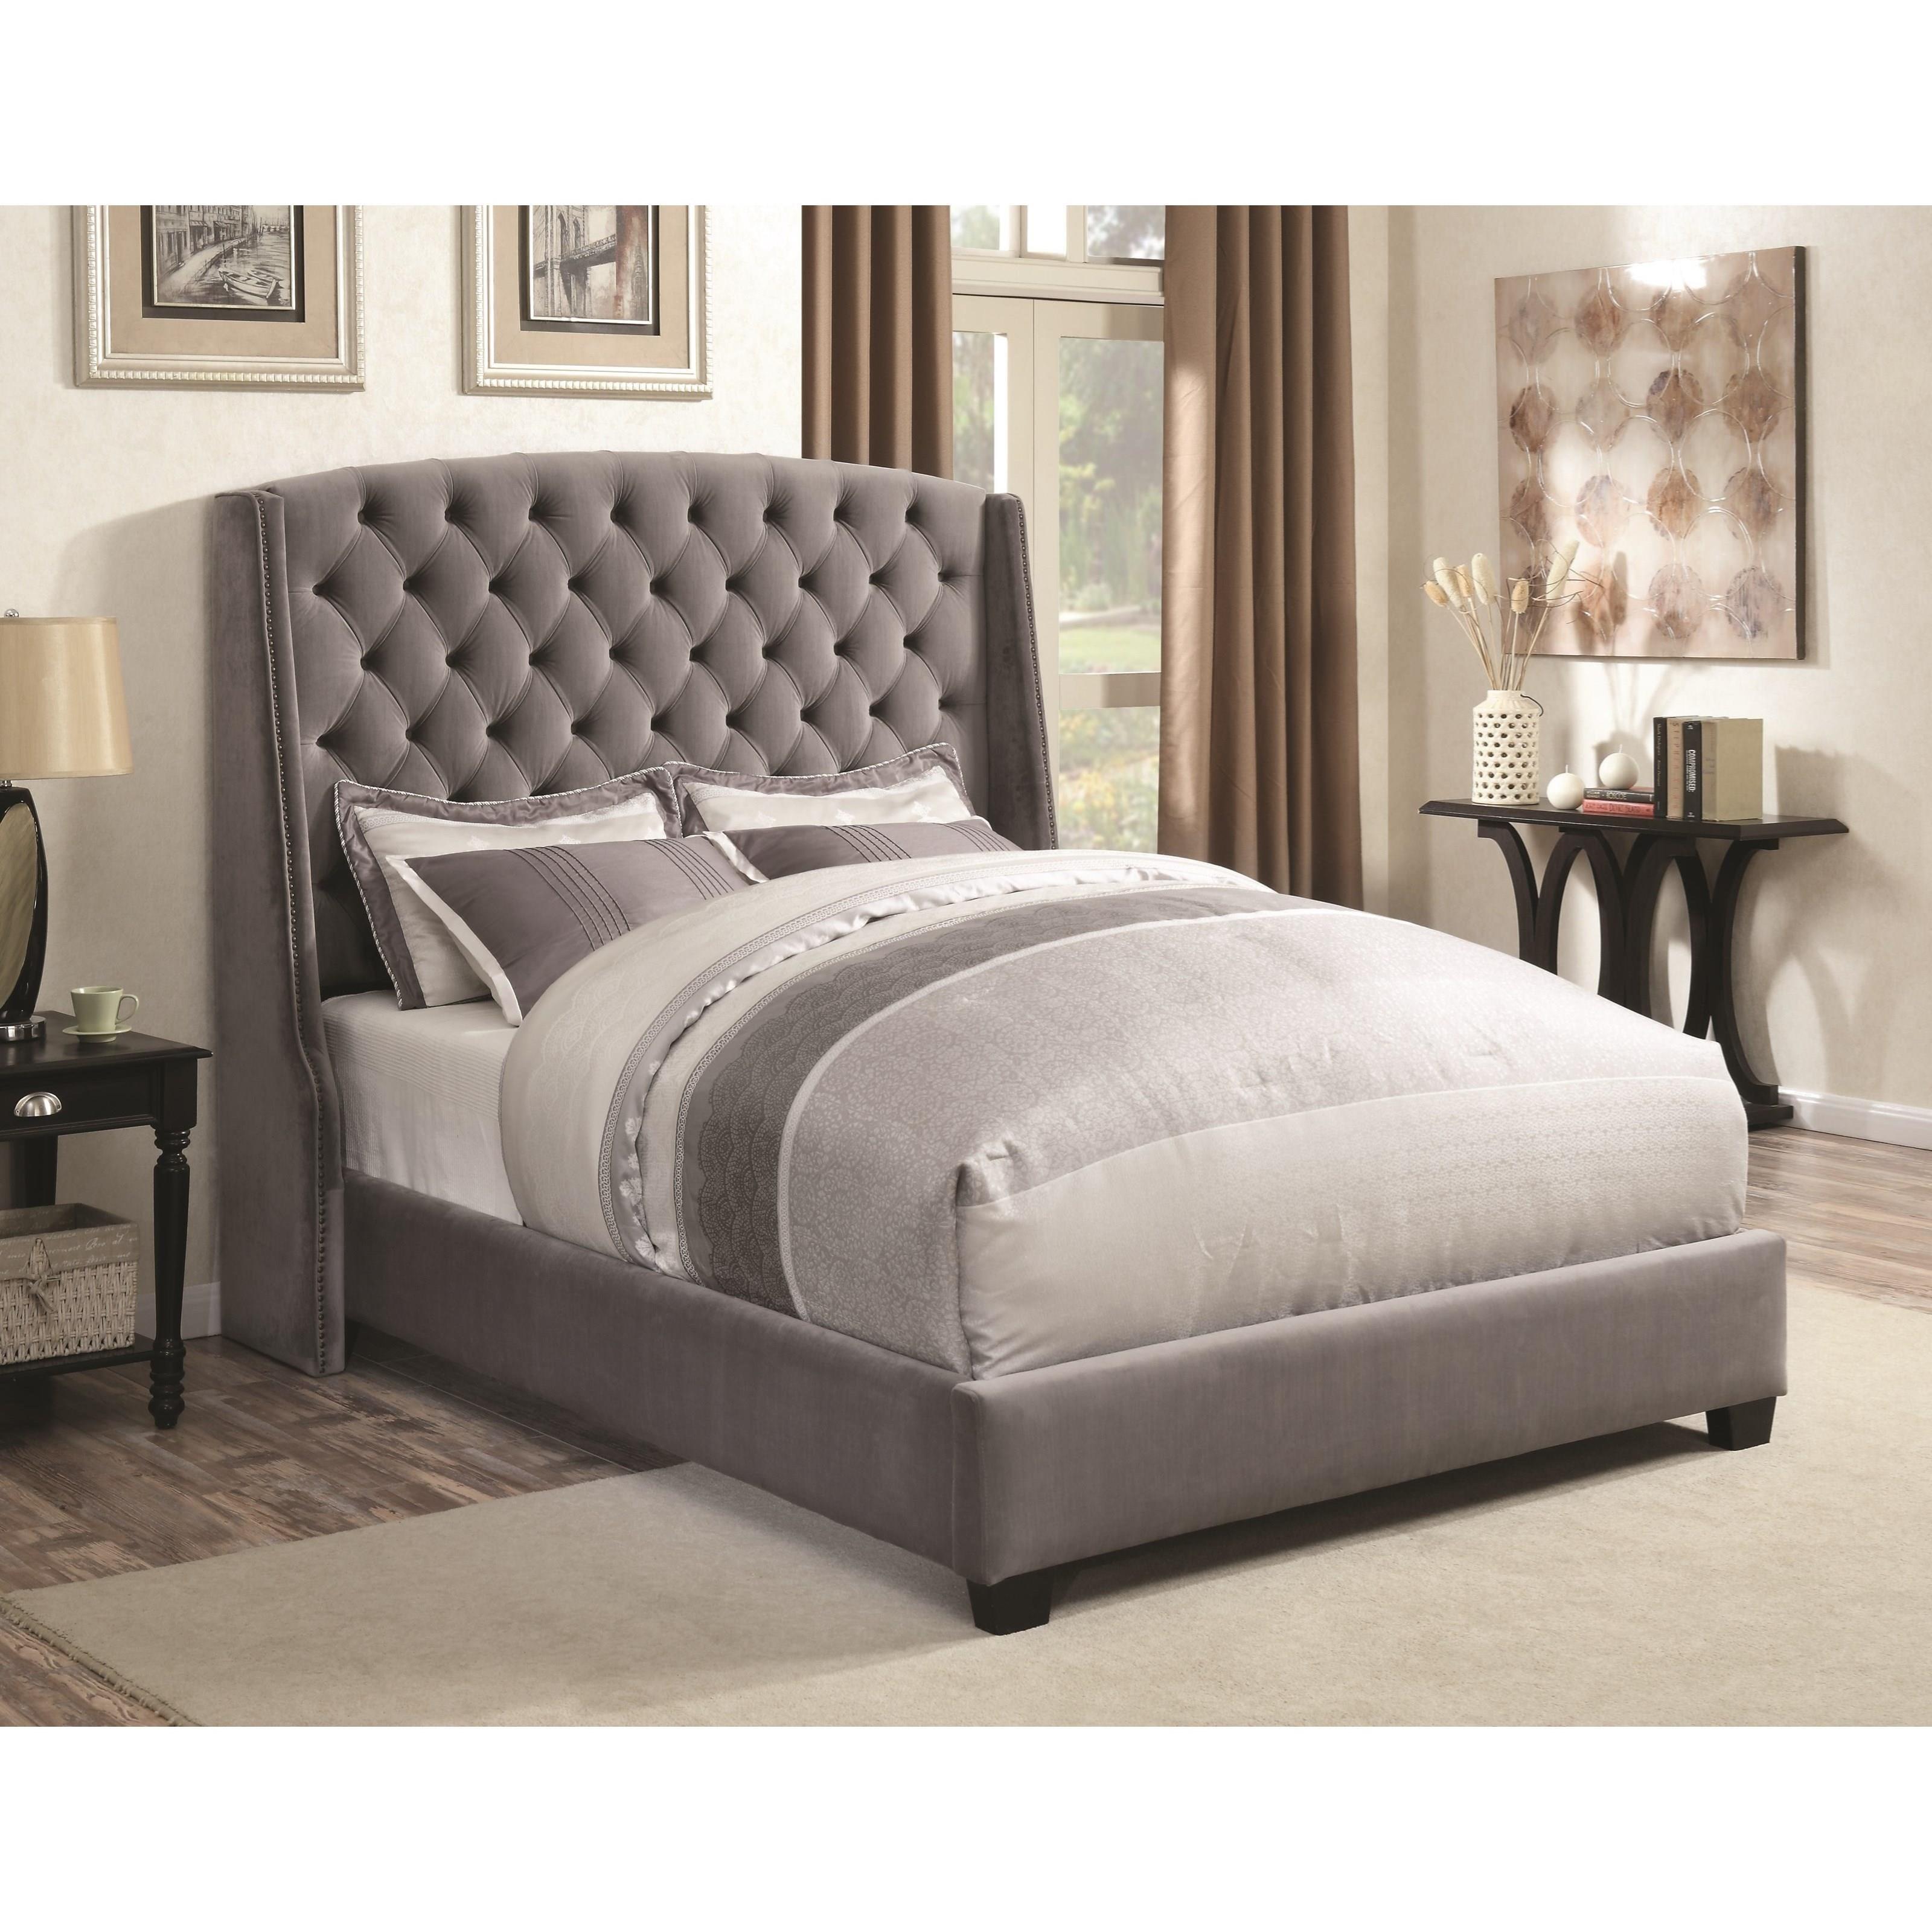 Coaster Upholstered Beds King Bed - Item Number: 300515KE